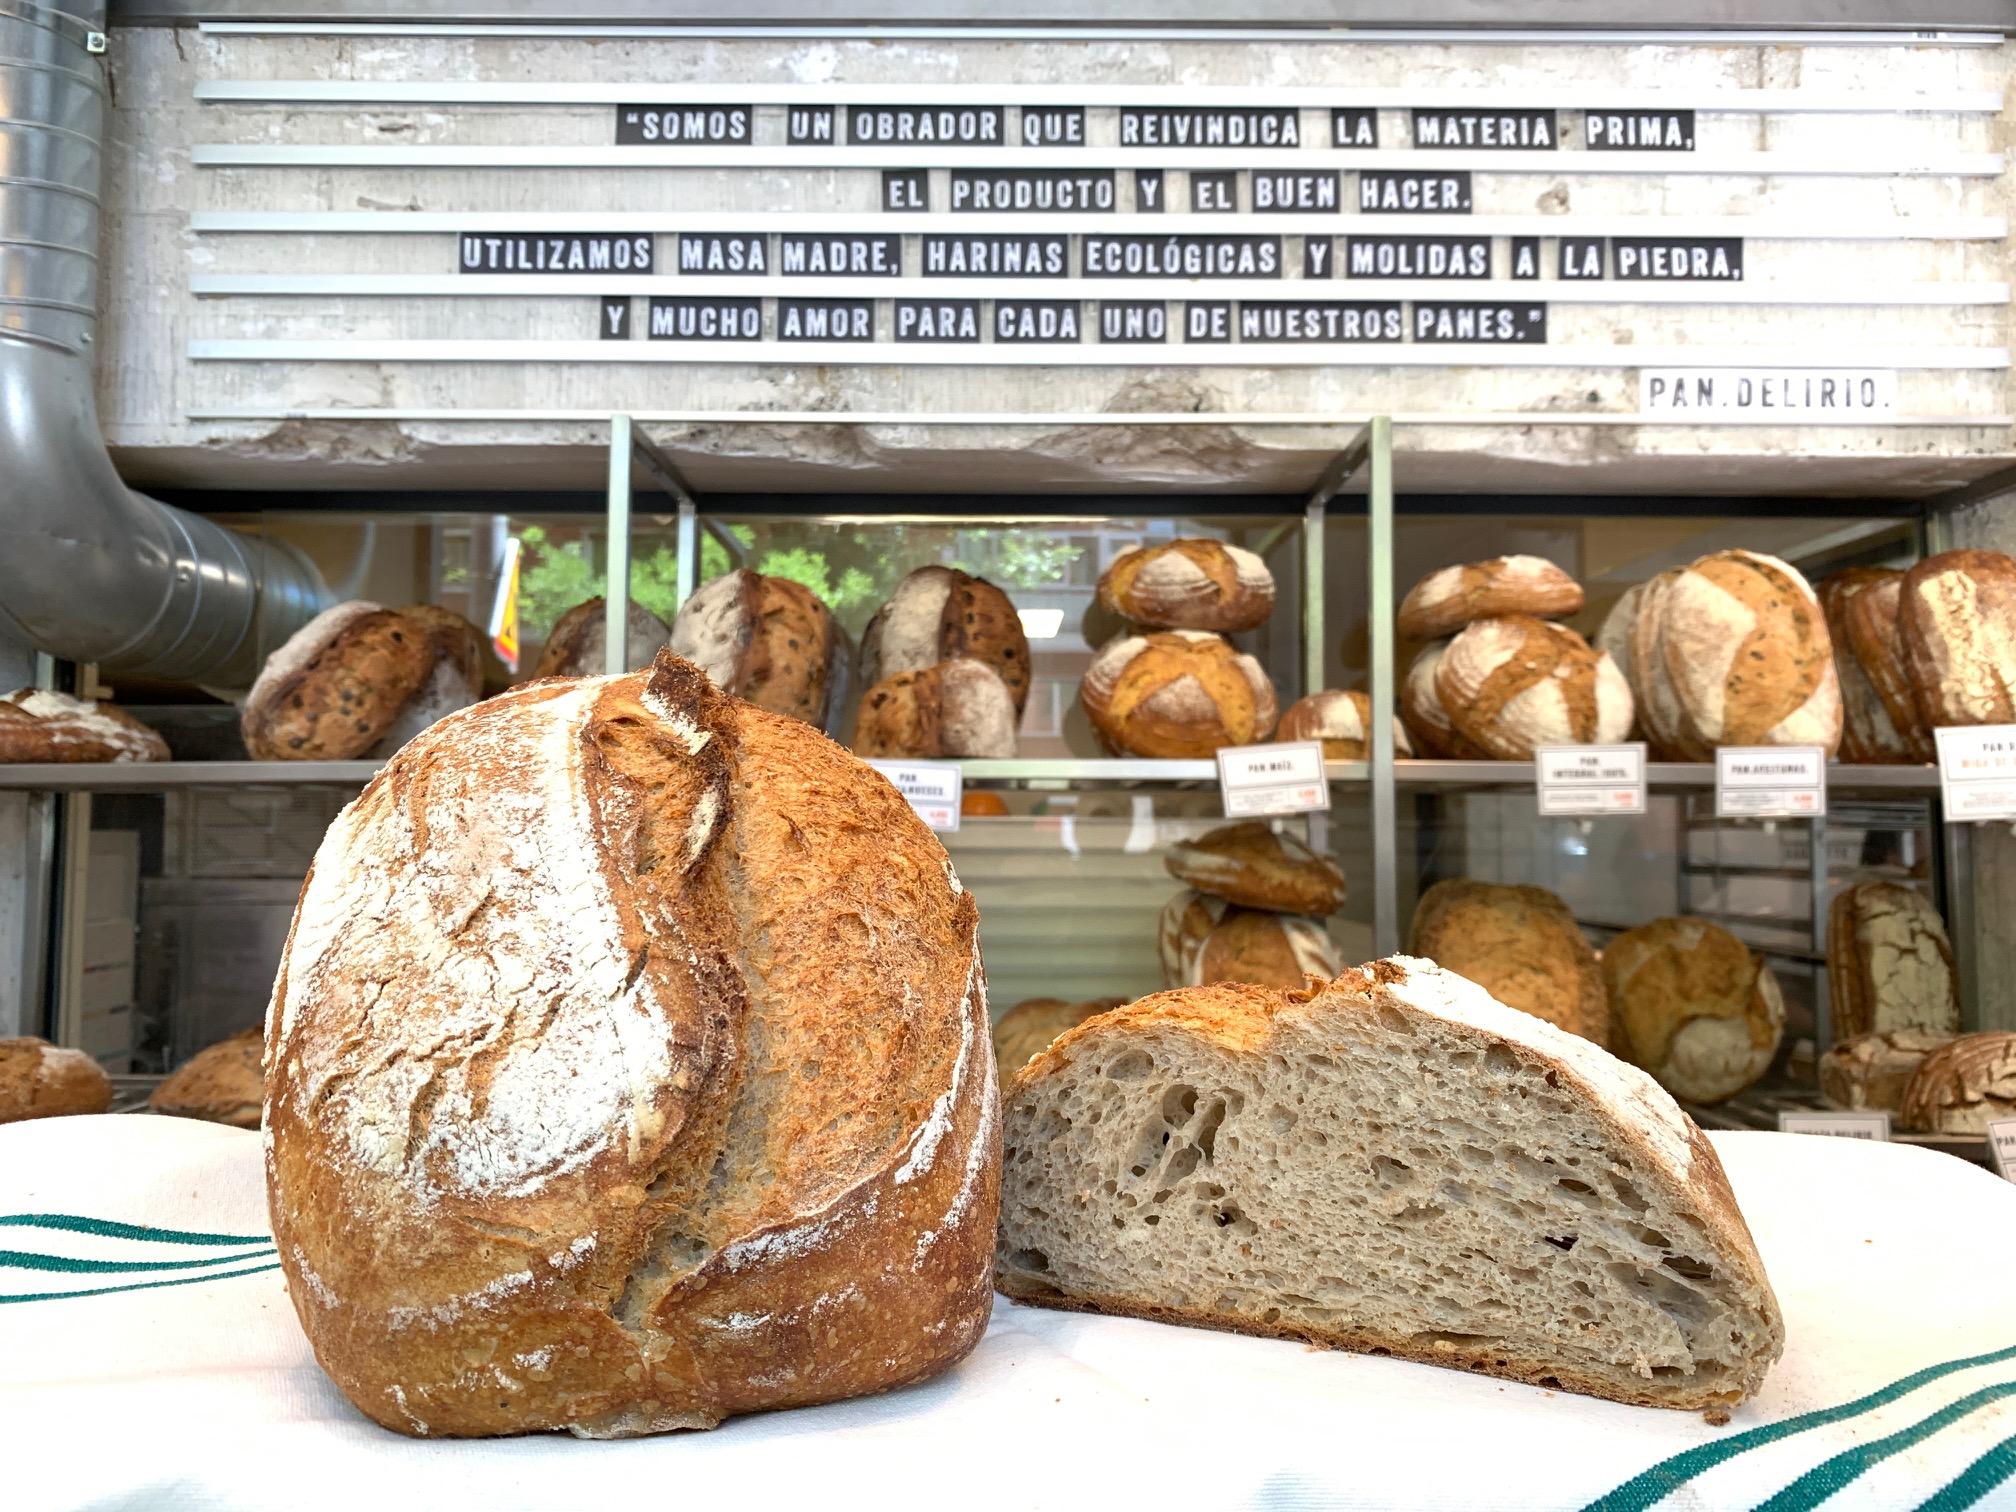 Pan Delirio - mejores panaderías Madrid